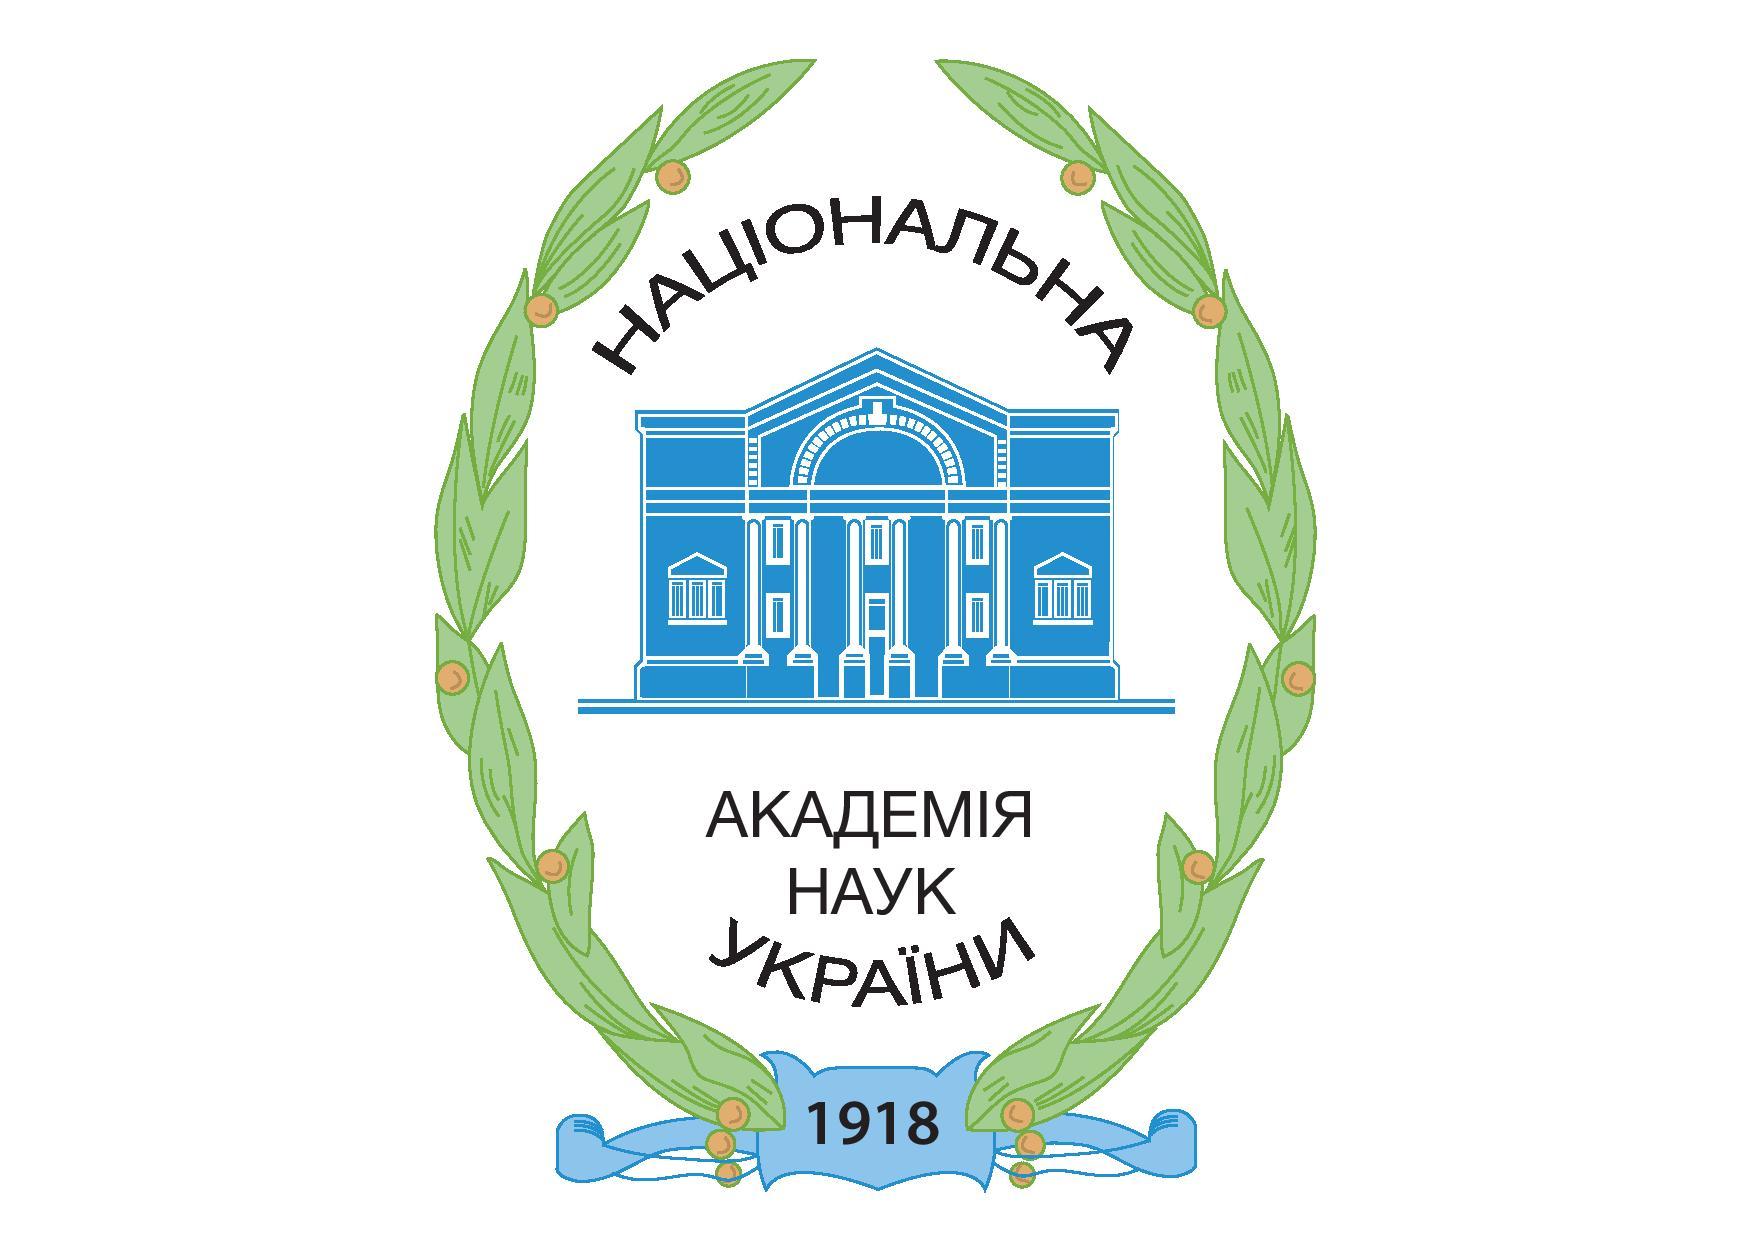 Увага умови конкурсу науково-технічних проектів установ НАН України у 2019 році